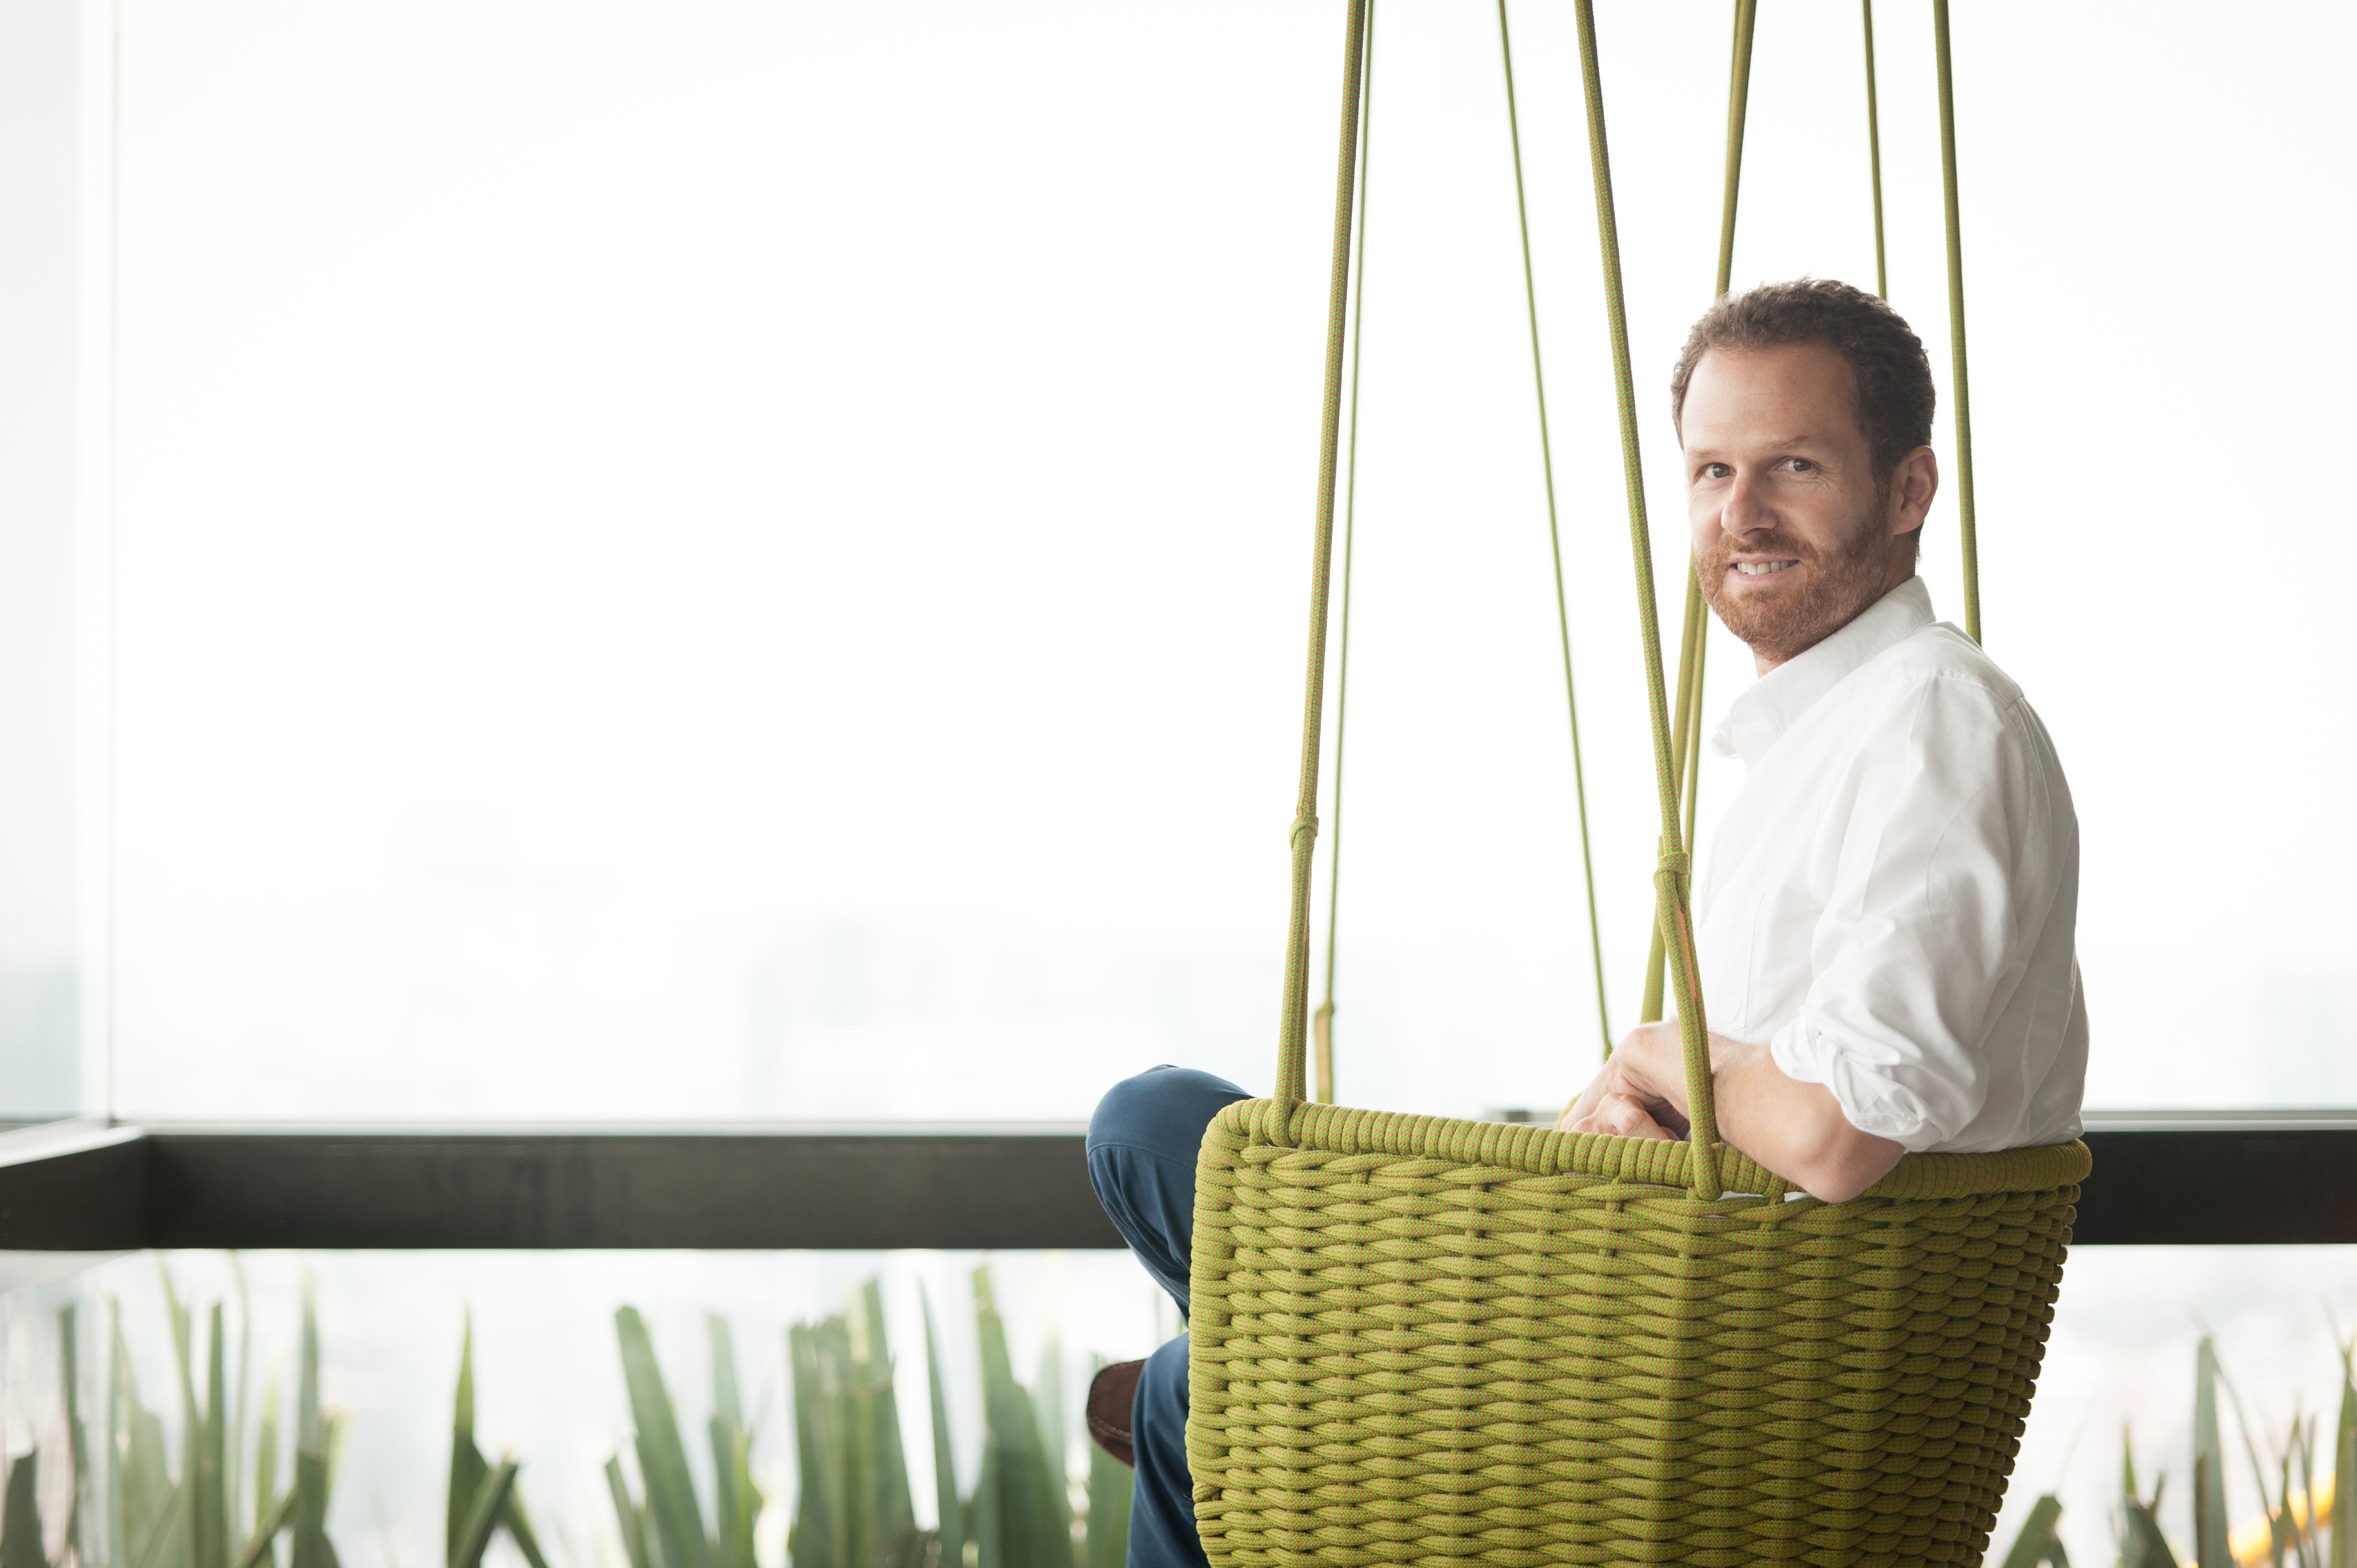 Entrevistamos a Guillermo Fernández, fundador del portal de bodas Zankyou